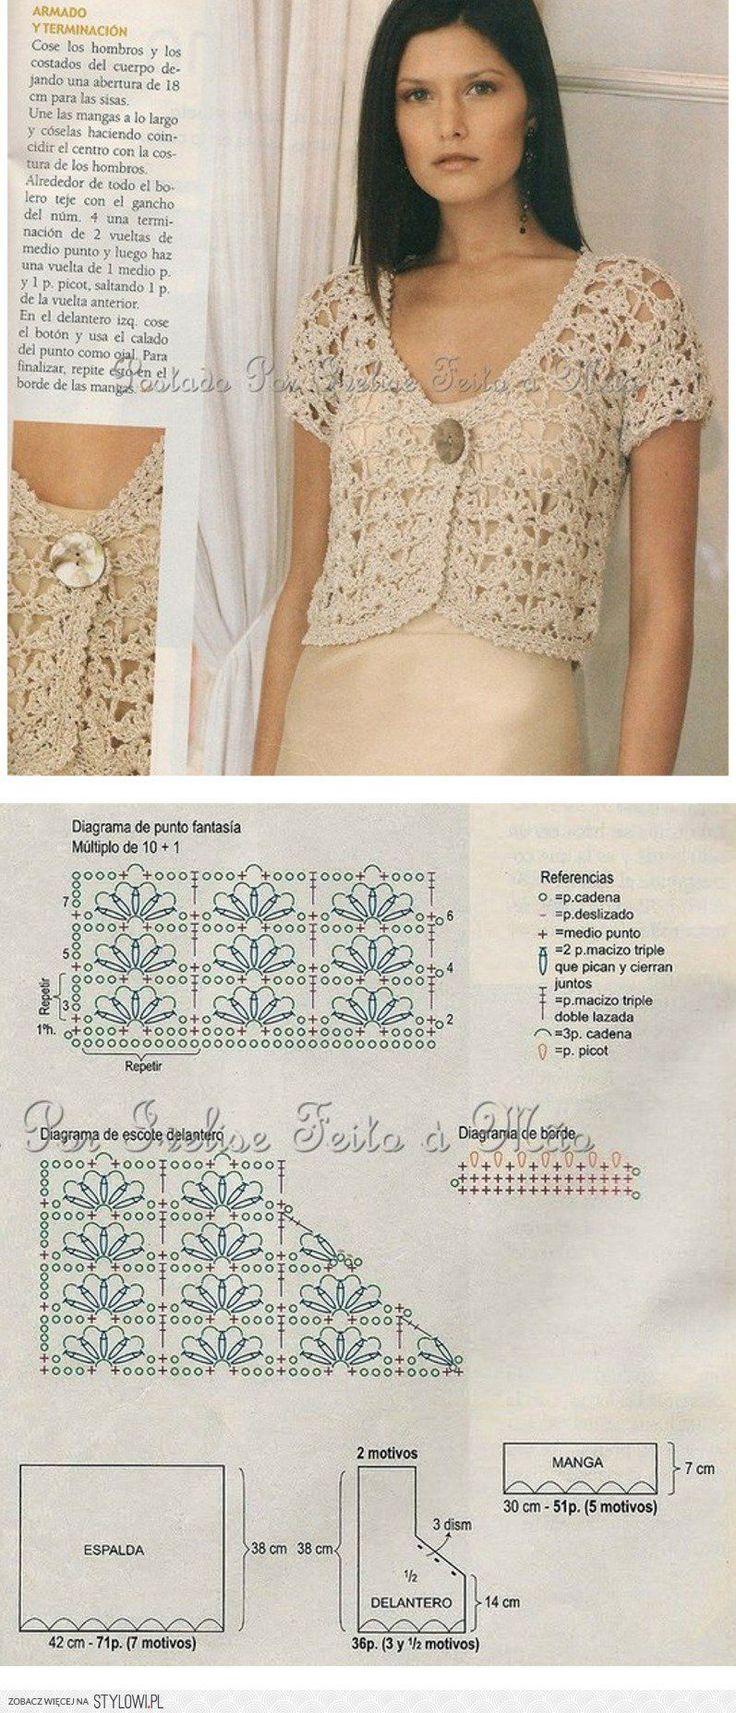 17 best örgü yelek images on Pinterest | Crochet granny, Crochet ...